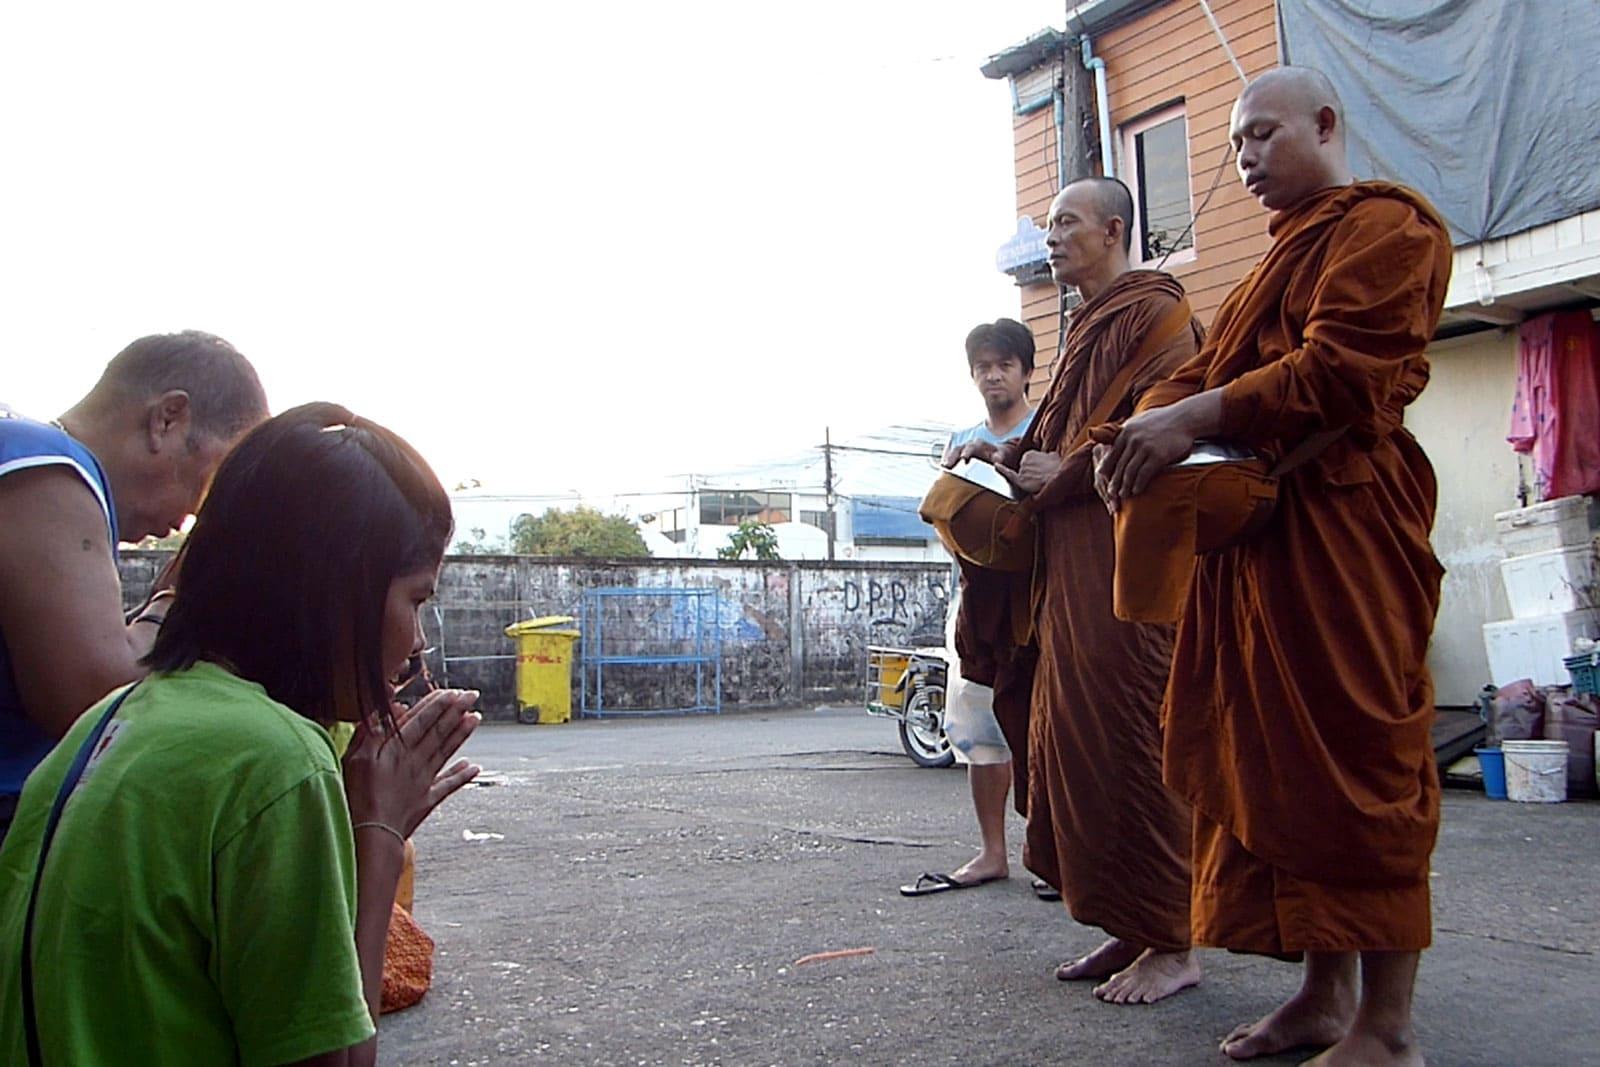 Der erste Tag als Mönch